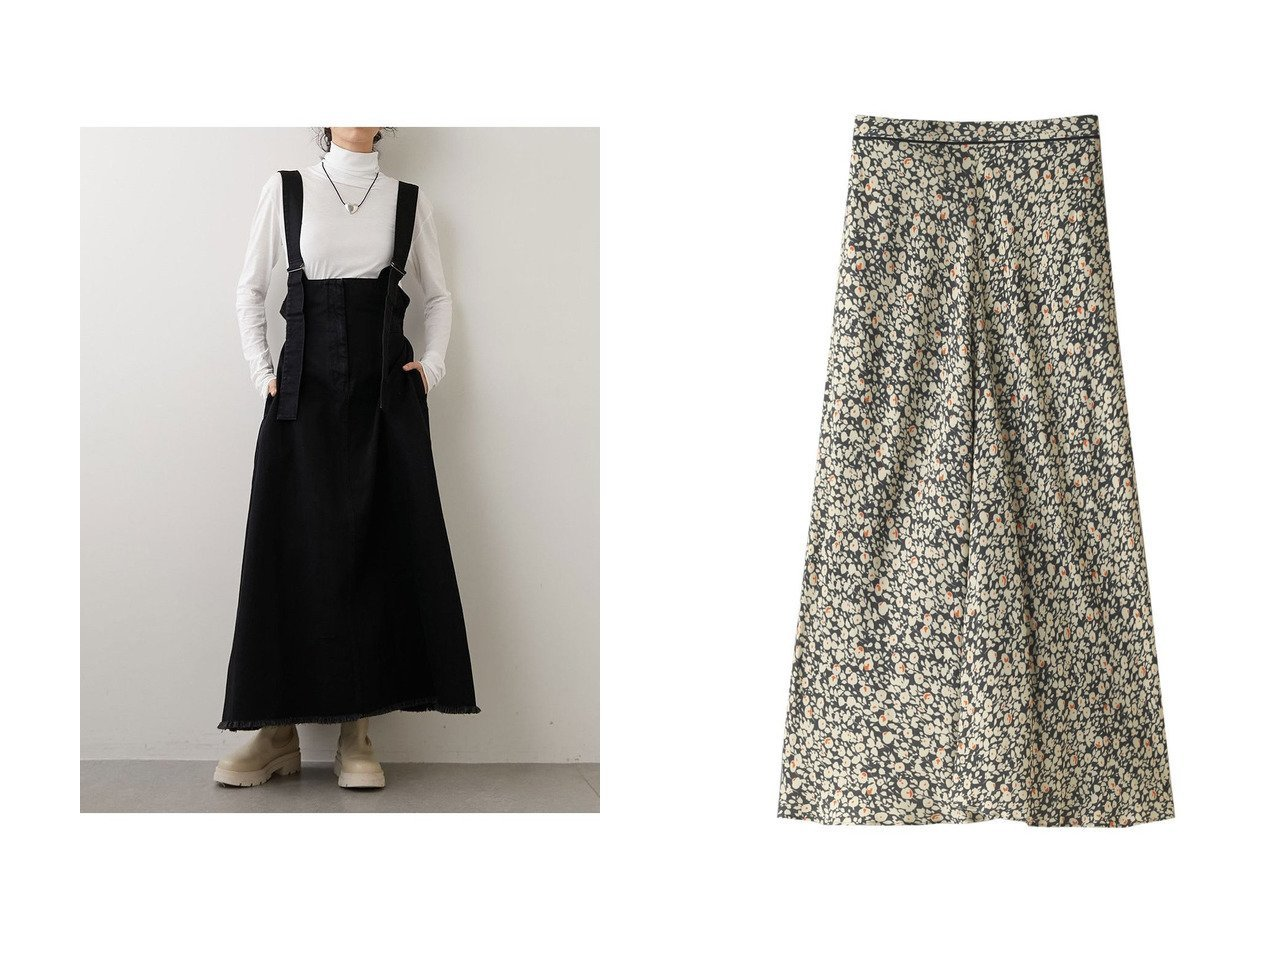 【DESIGN WORKS/デザイン ワークス】のフラワープリントフレアスカート&【Whim Gazette/ウィムガゼット】のデニムジャンパースカート 【スカート】おすすめ!人気、トレンド・レディースファッションの通販 おすすめで人気の流行・トレンド、ファッションの通販商品 インテリア・家具・メンズファッション・キッズファッション・レディースファッション・服の通販 founy(ファニー) https://founy.com/ ファッション Fashion レディースファッション WOMEN スカート Skirt Aライン/フレアスカート Flared A-Line Skirts ロングスカート Long Skirt 2020年 2020 2020-2021秋冬・A/W AW・Autumn/Winter・FW・Fall-Winter/2020-2021 2021年 2021 2021-2022秋冬・A/W AW・Autumn/Winter・FW・Fall-Winter・2021-2022 A/W・秋冬 AW・Autumn/Winter・FW・Fall-Winter なめらか フレア ロング |ID:crp329100000066330